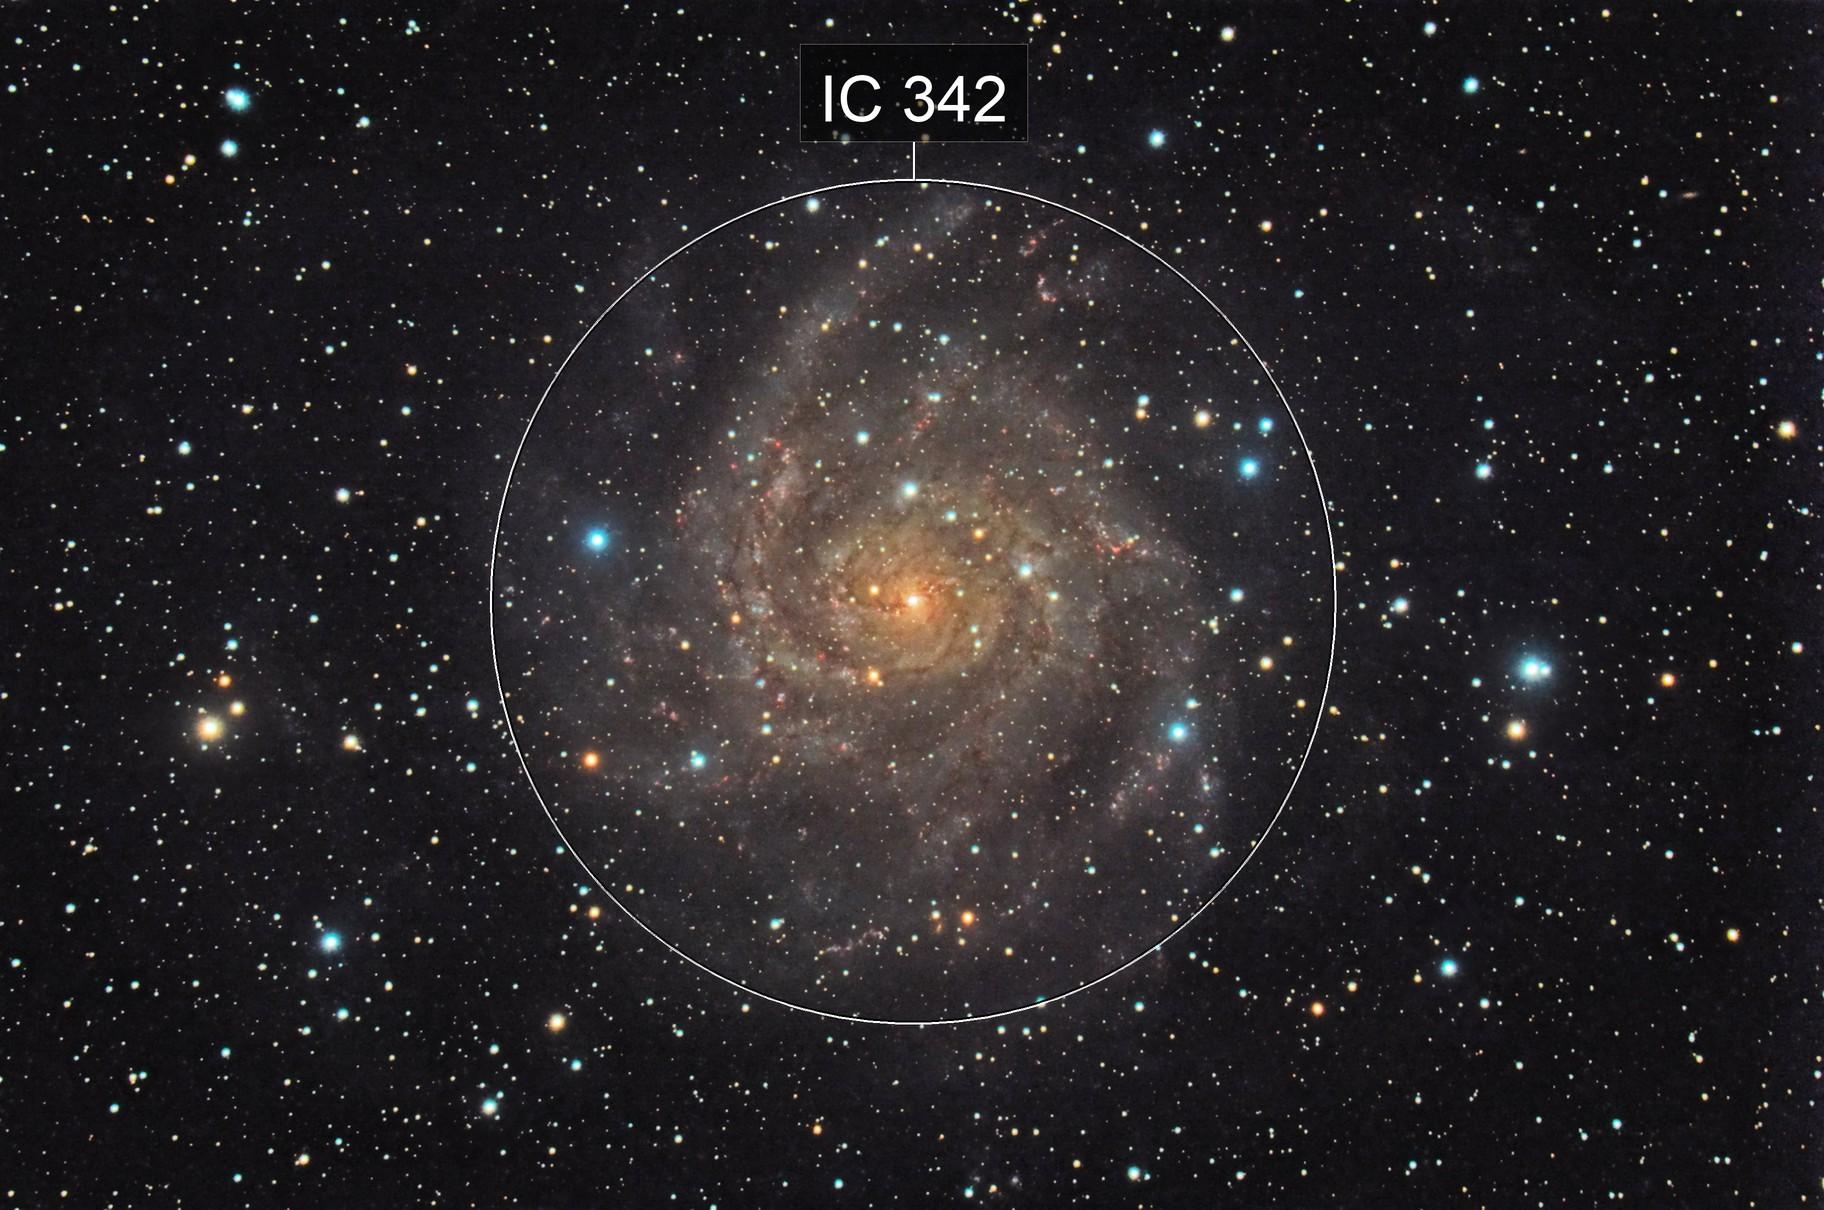 The Hidden Galaxy (IC 342)